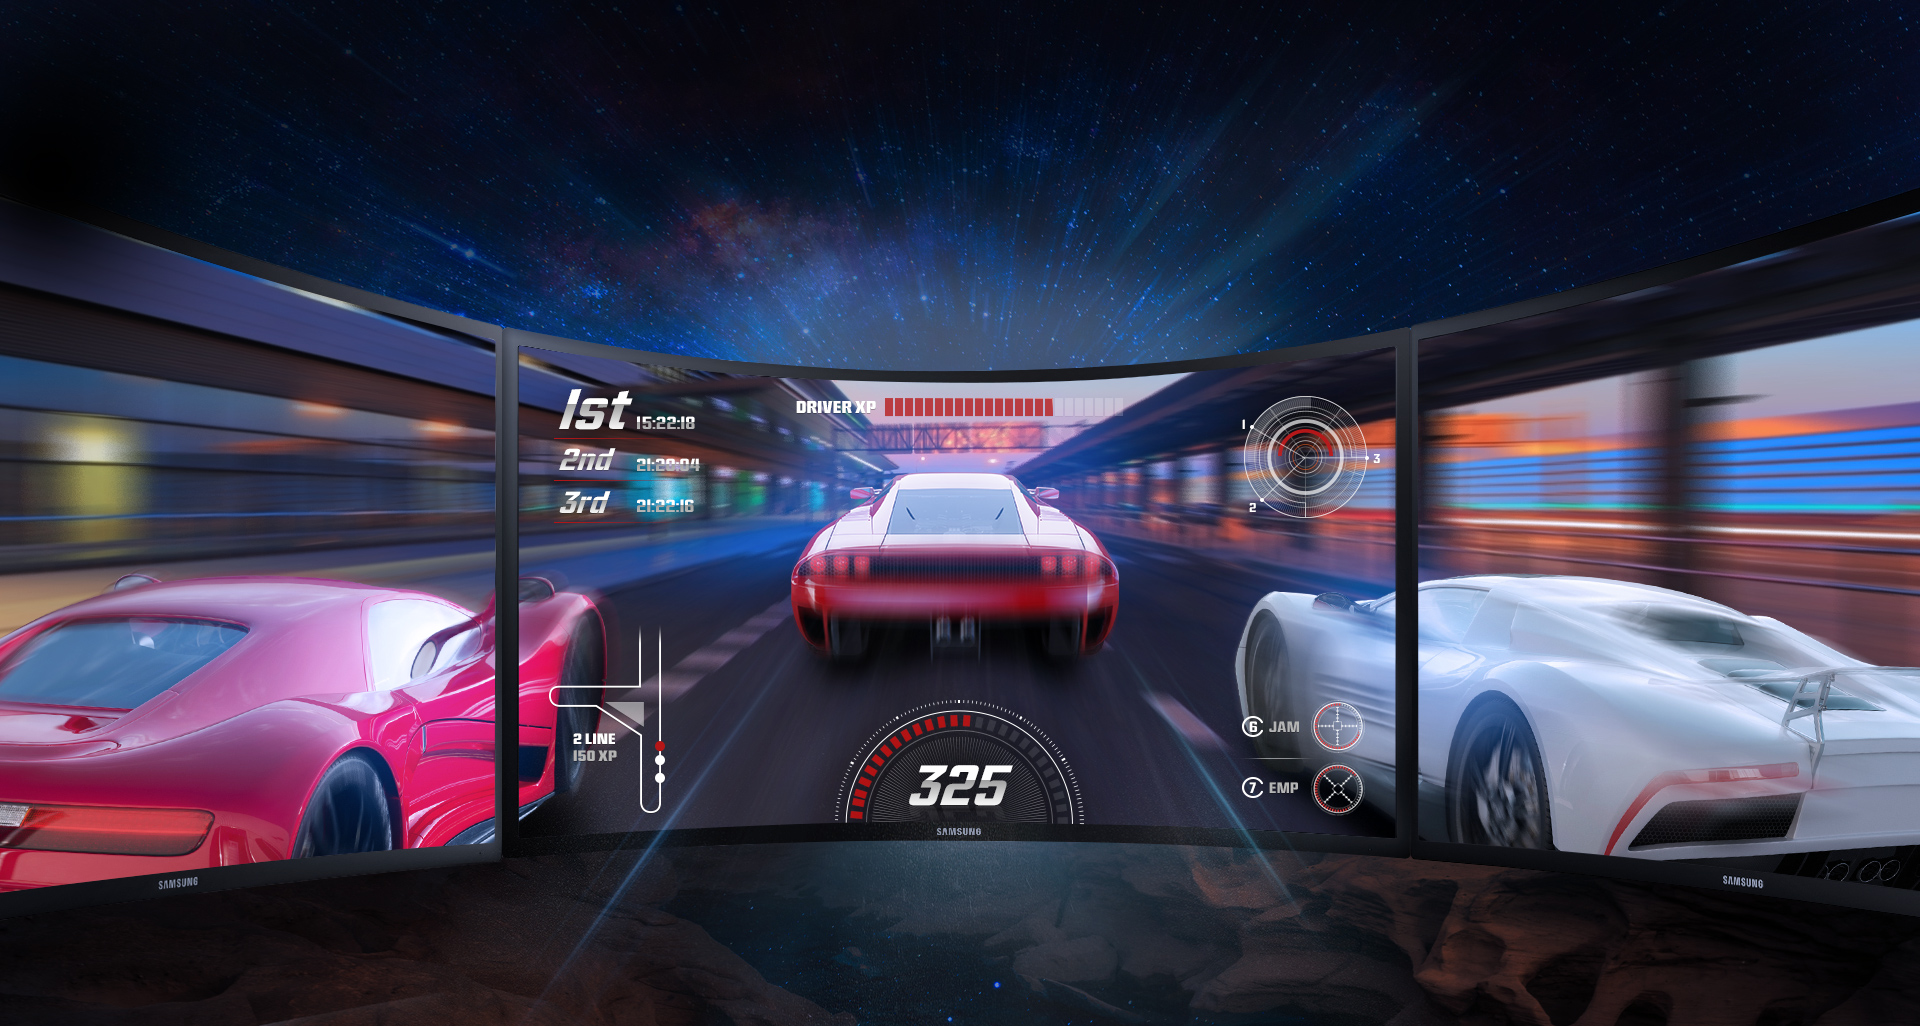 تجربه بازی واقعی که بواسطه صفحه نمایش منحنی حاصل می گردد، شما را غرق در بازی خواهد ساخت